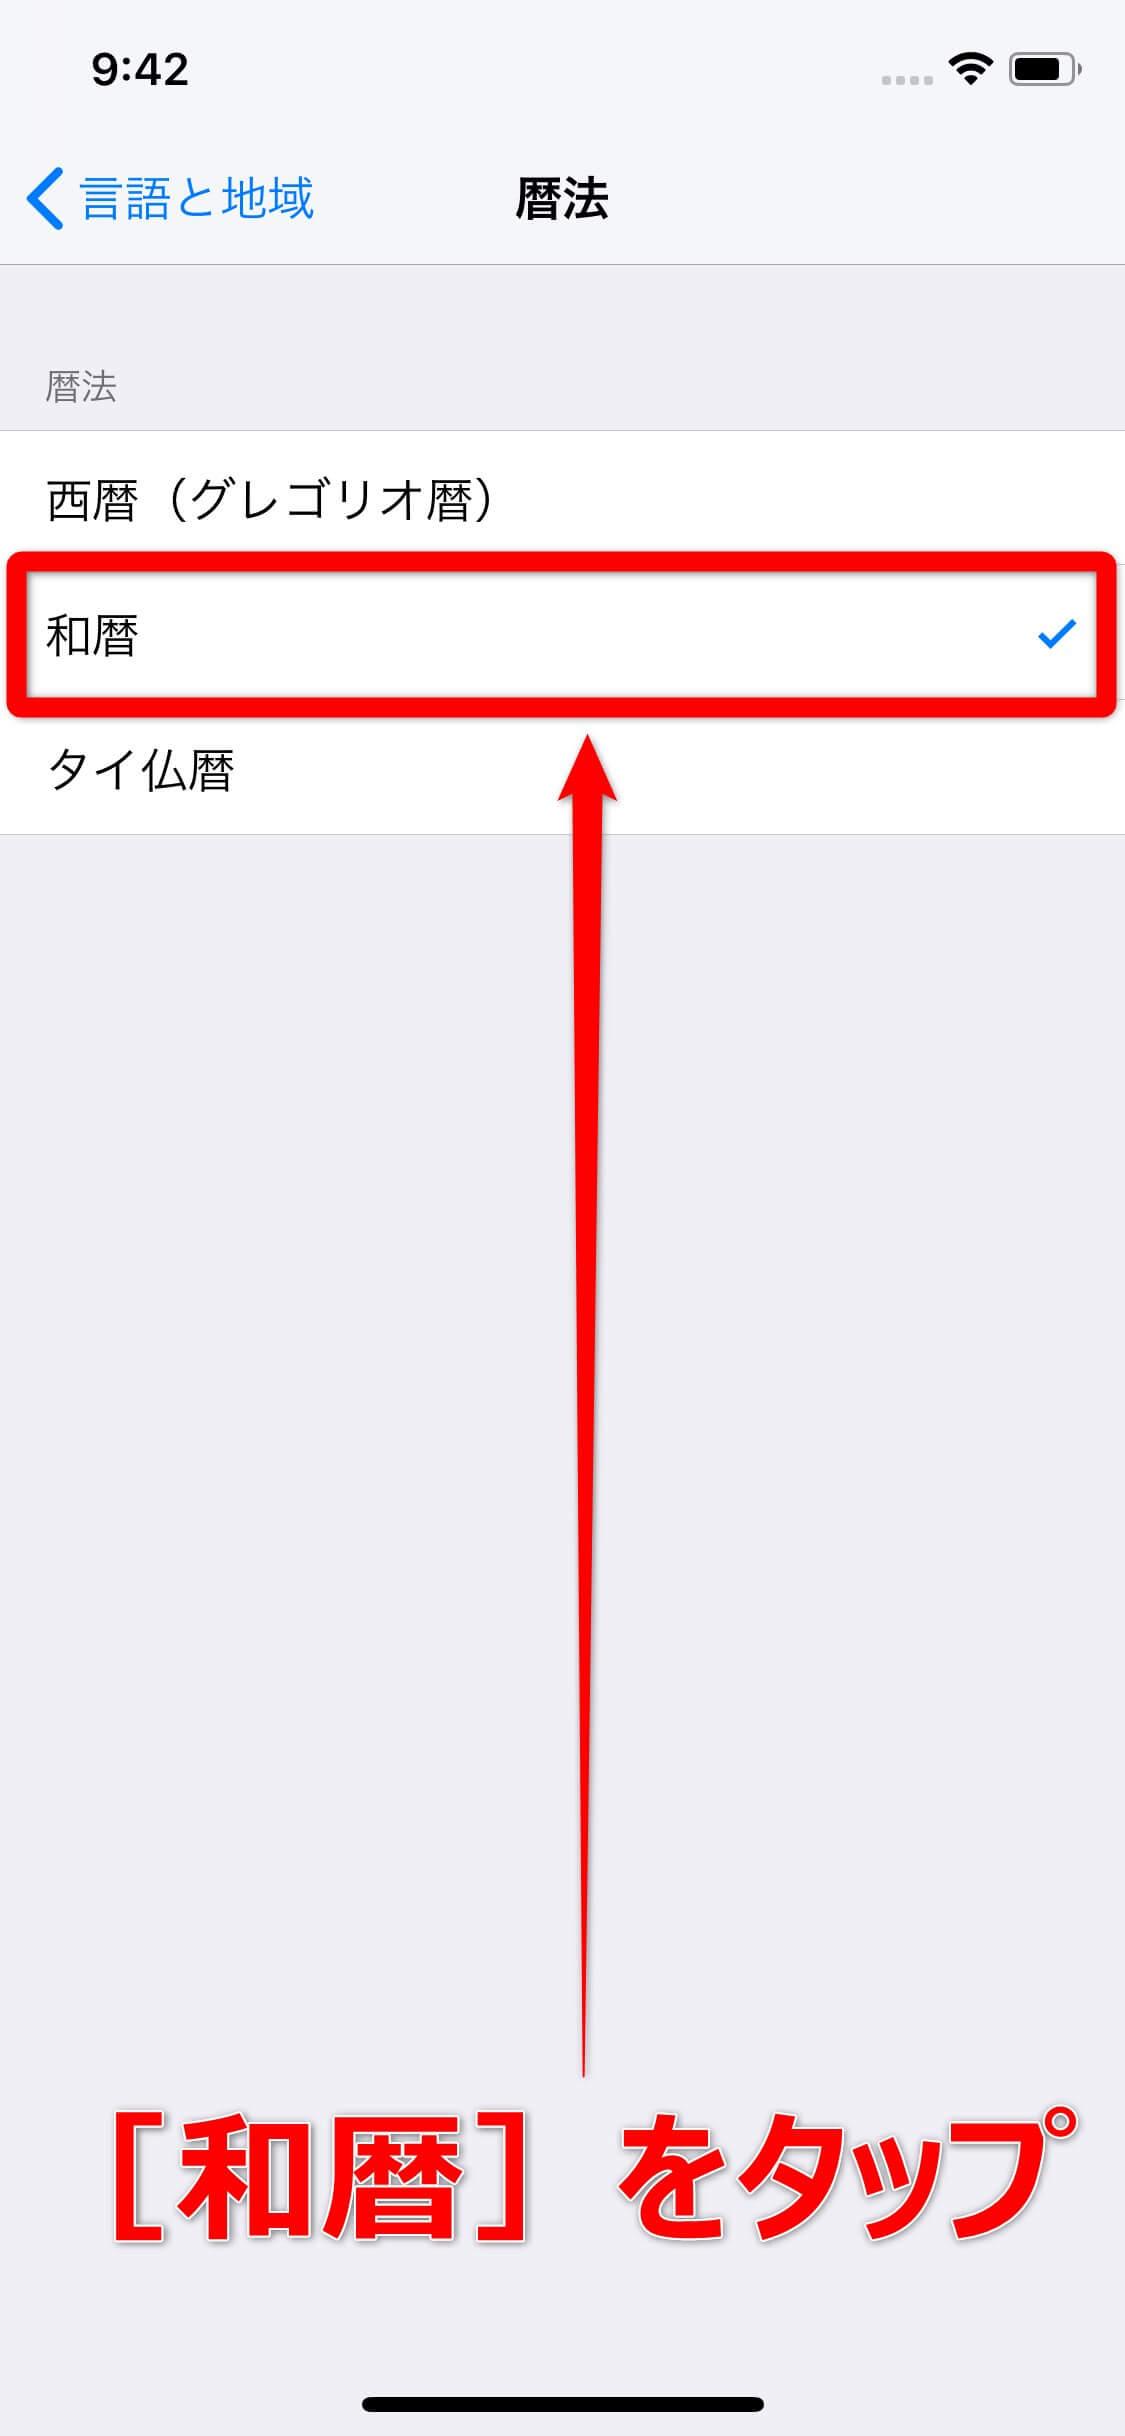 iPhone(アイフォーン)の設定アプリの「暦法」画面